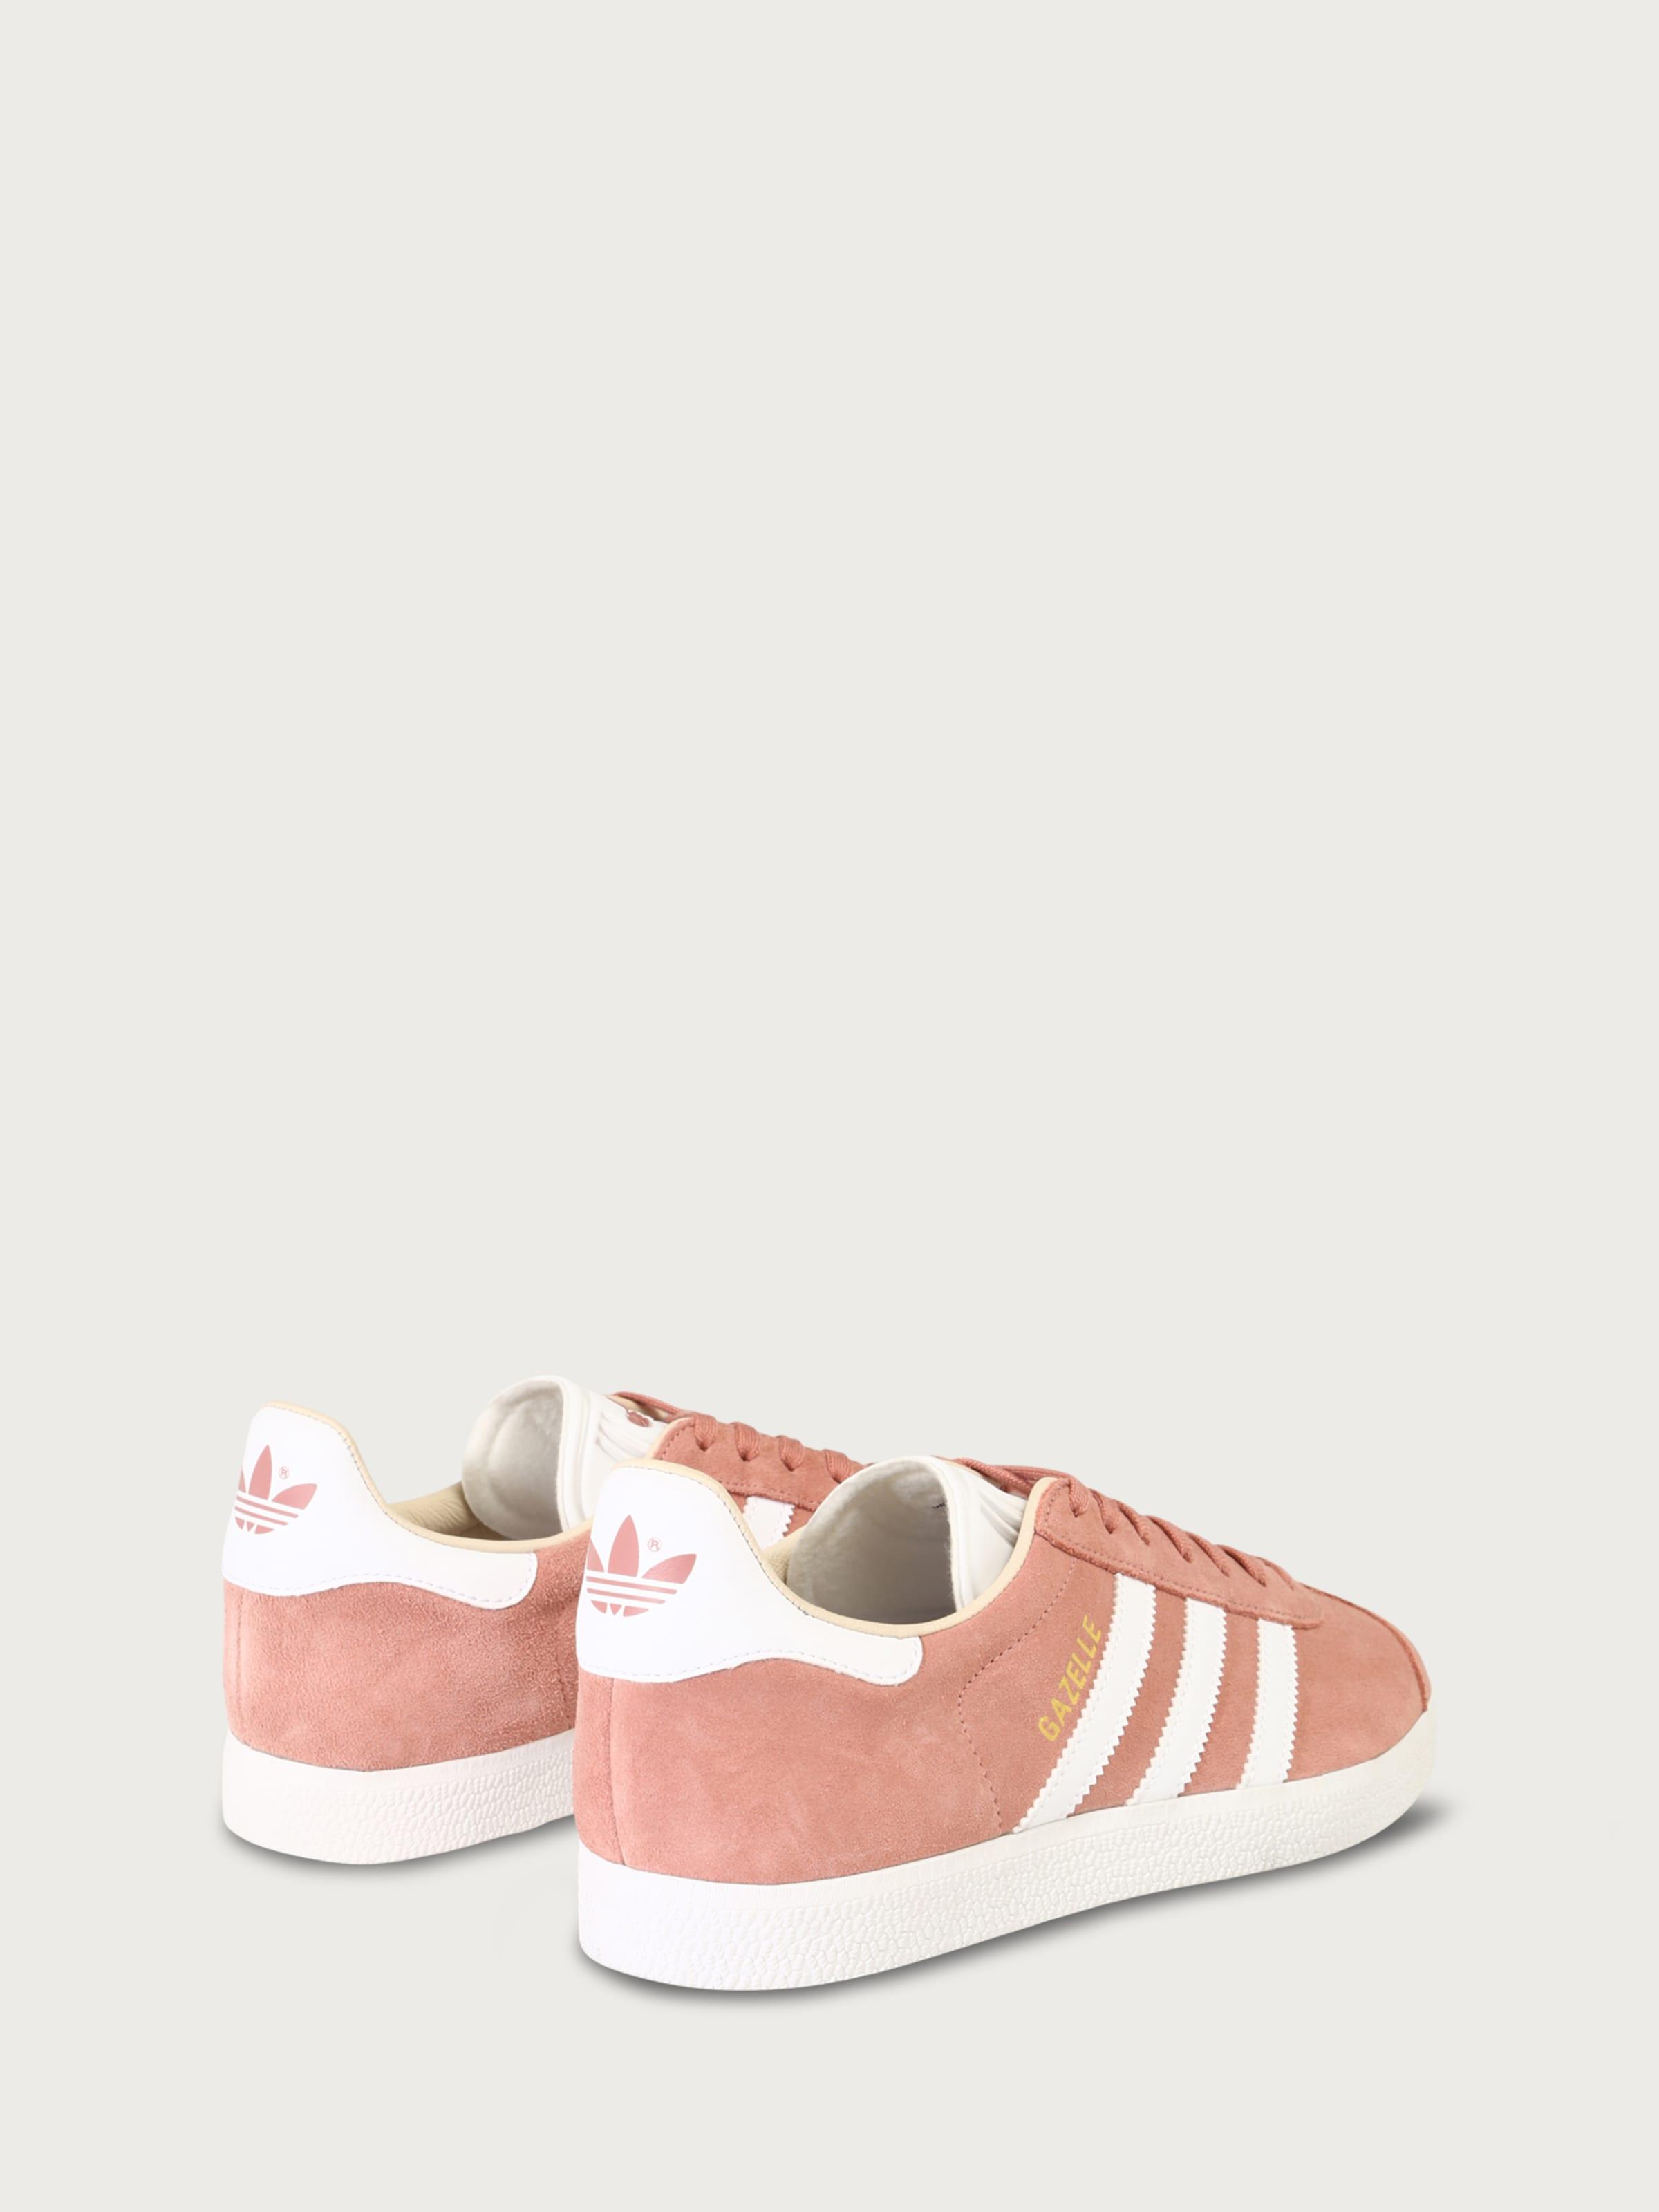 ADIDAS ORIGINALS Sneaker 'GAZELLE W' Billig Verkauf Angebote Großhandelspreis Verkauf Online 2018 Billig Verkaufen Billig Ausverkauf Store Werksverkauf 7f8ezX6h